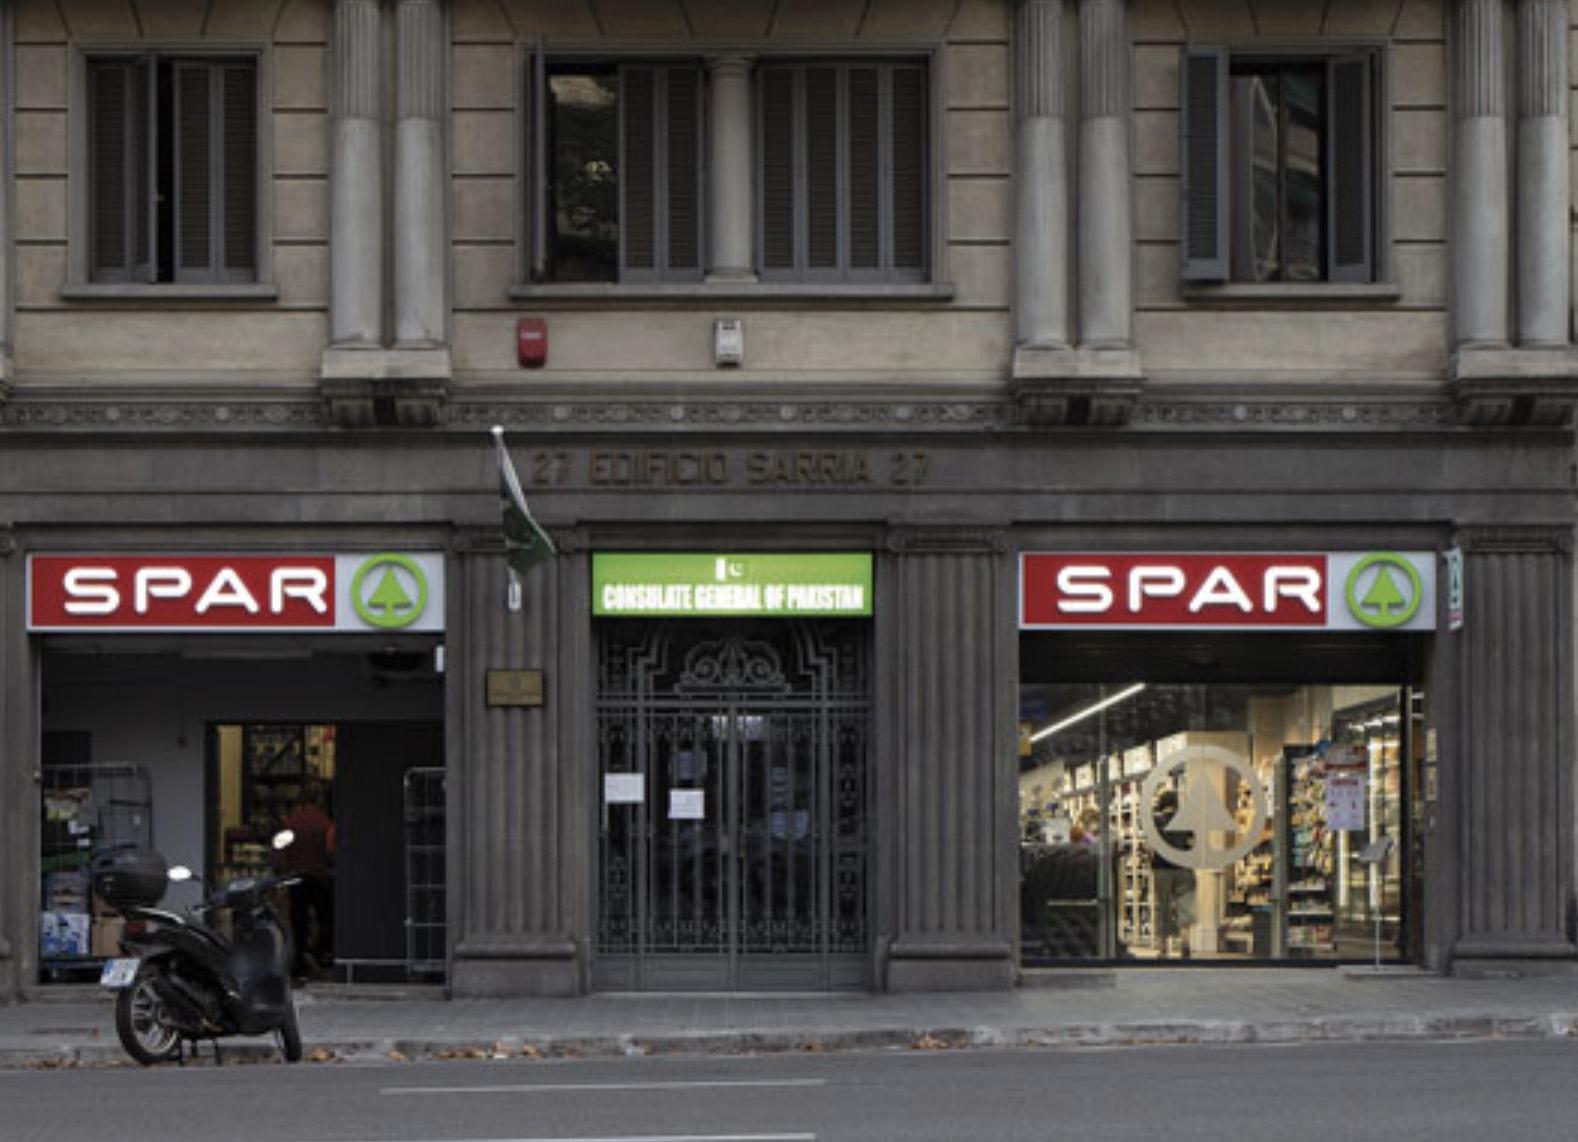 Inaugurato il primo supermercato in Spagna con impianto di refrigerazione funzionante con refrigeranti A2L (UltraLow GWP < 150)